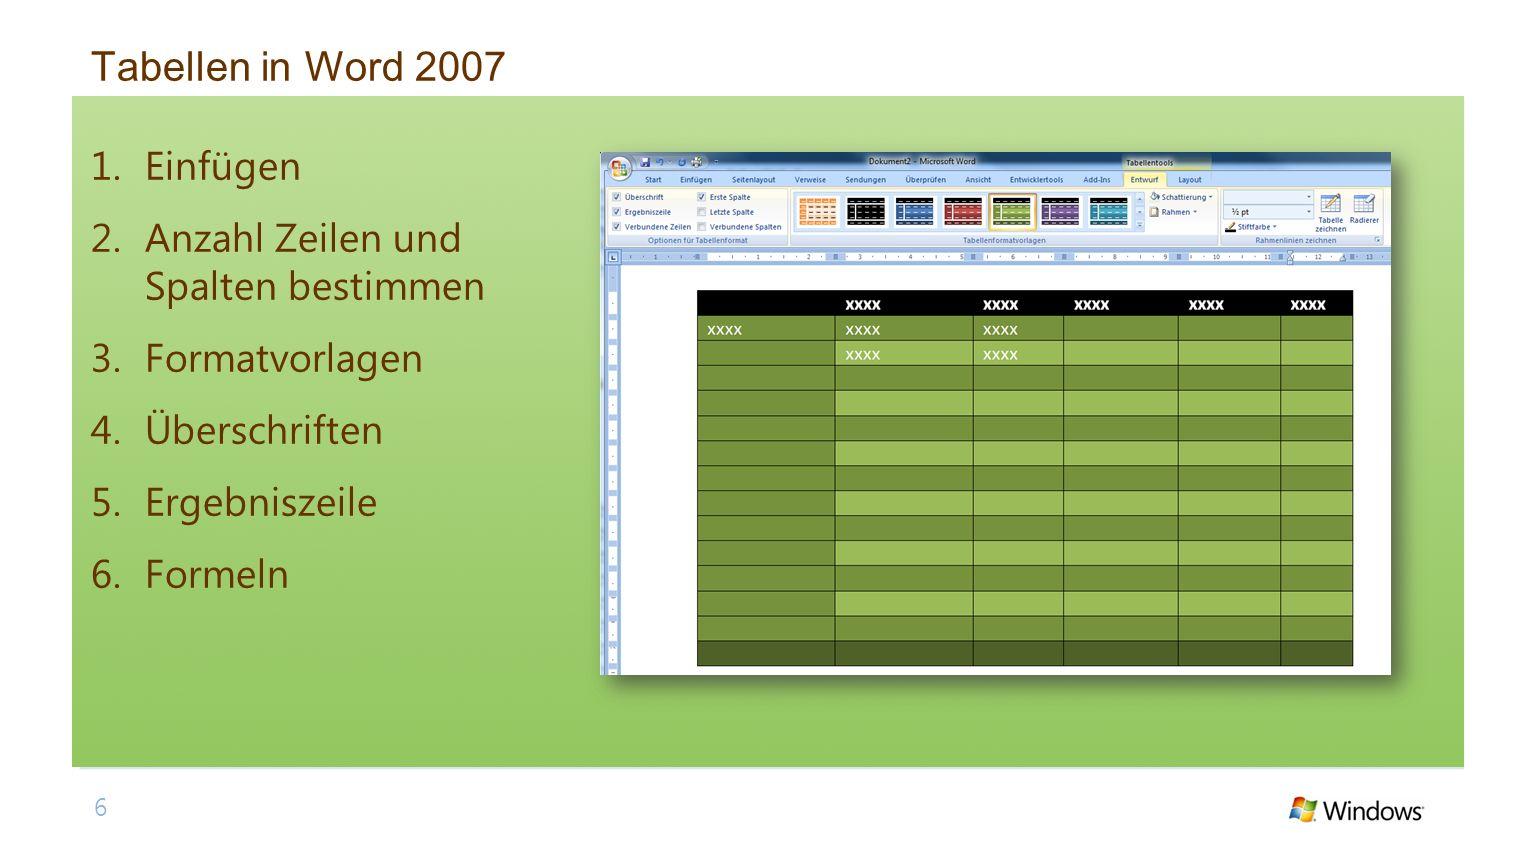 Tabellen in Word 2007 1.Einfügen 2.Anzahl Zeilen und Spalten bestimmen 3.Formatvorlagen 4.Überschriften 5.Ergebniszeile 6.Formeln 6